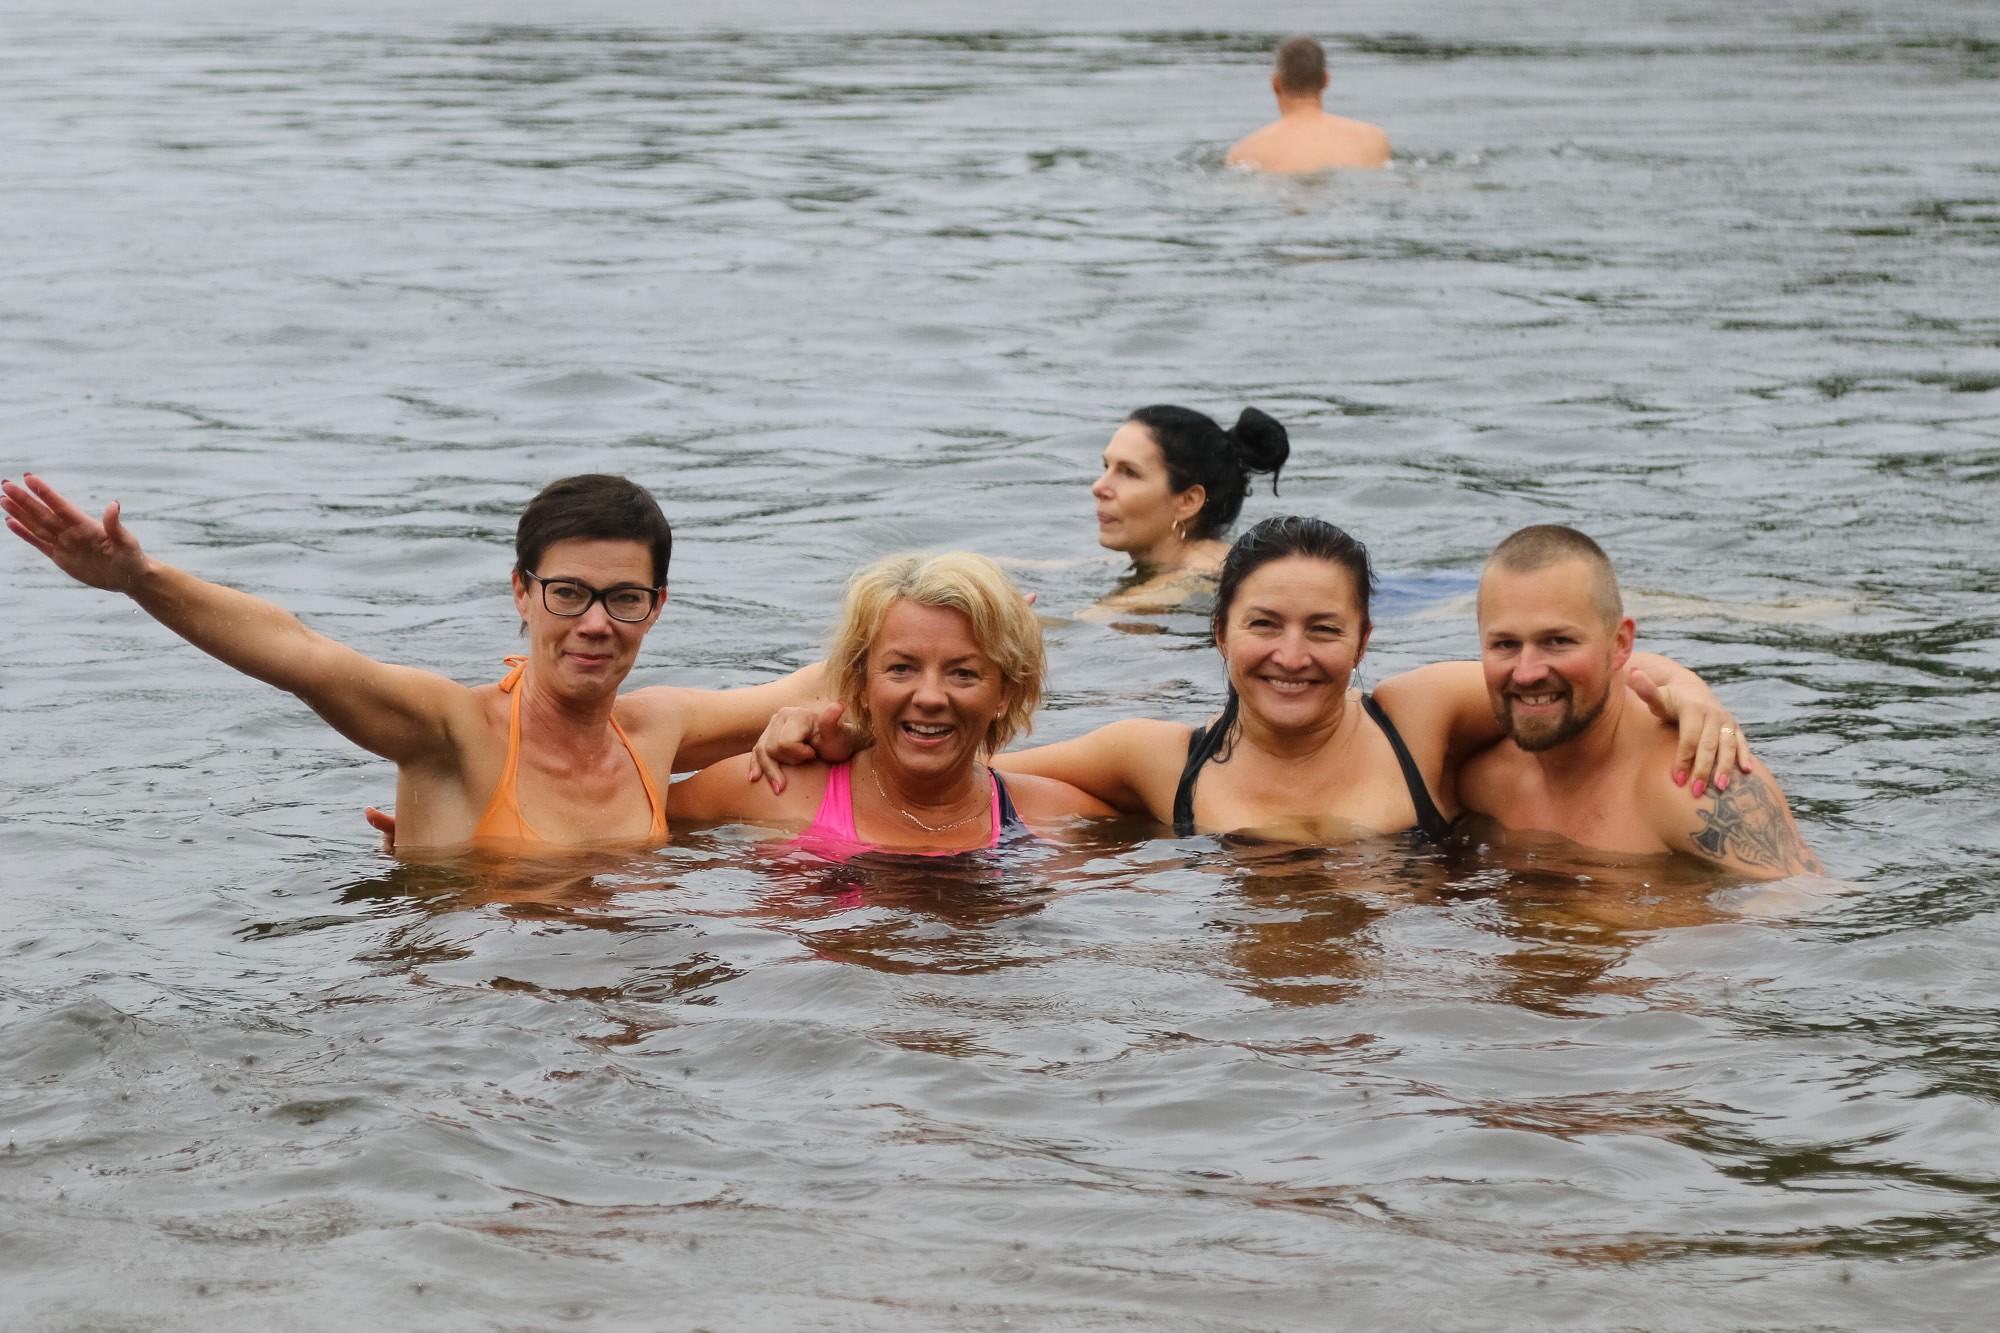 Начали купаться, когда другие закончили